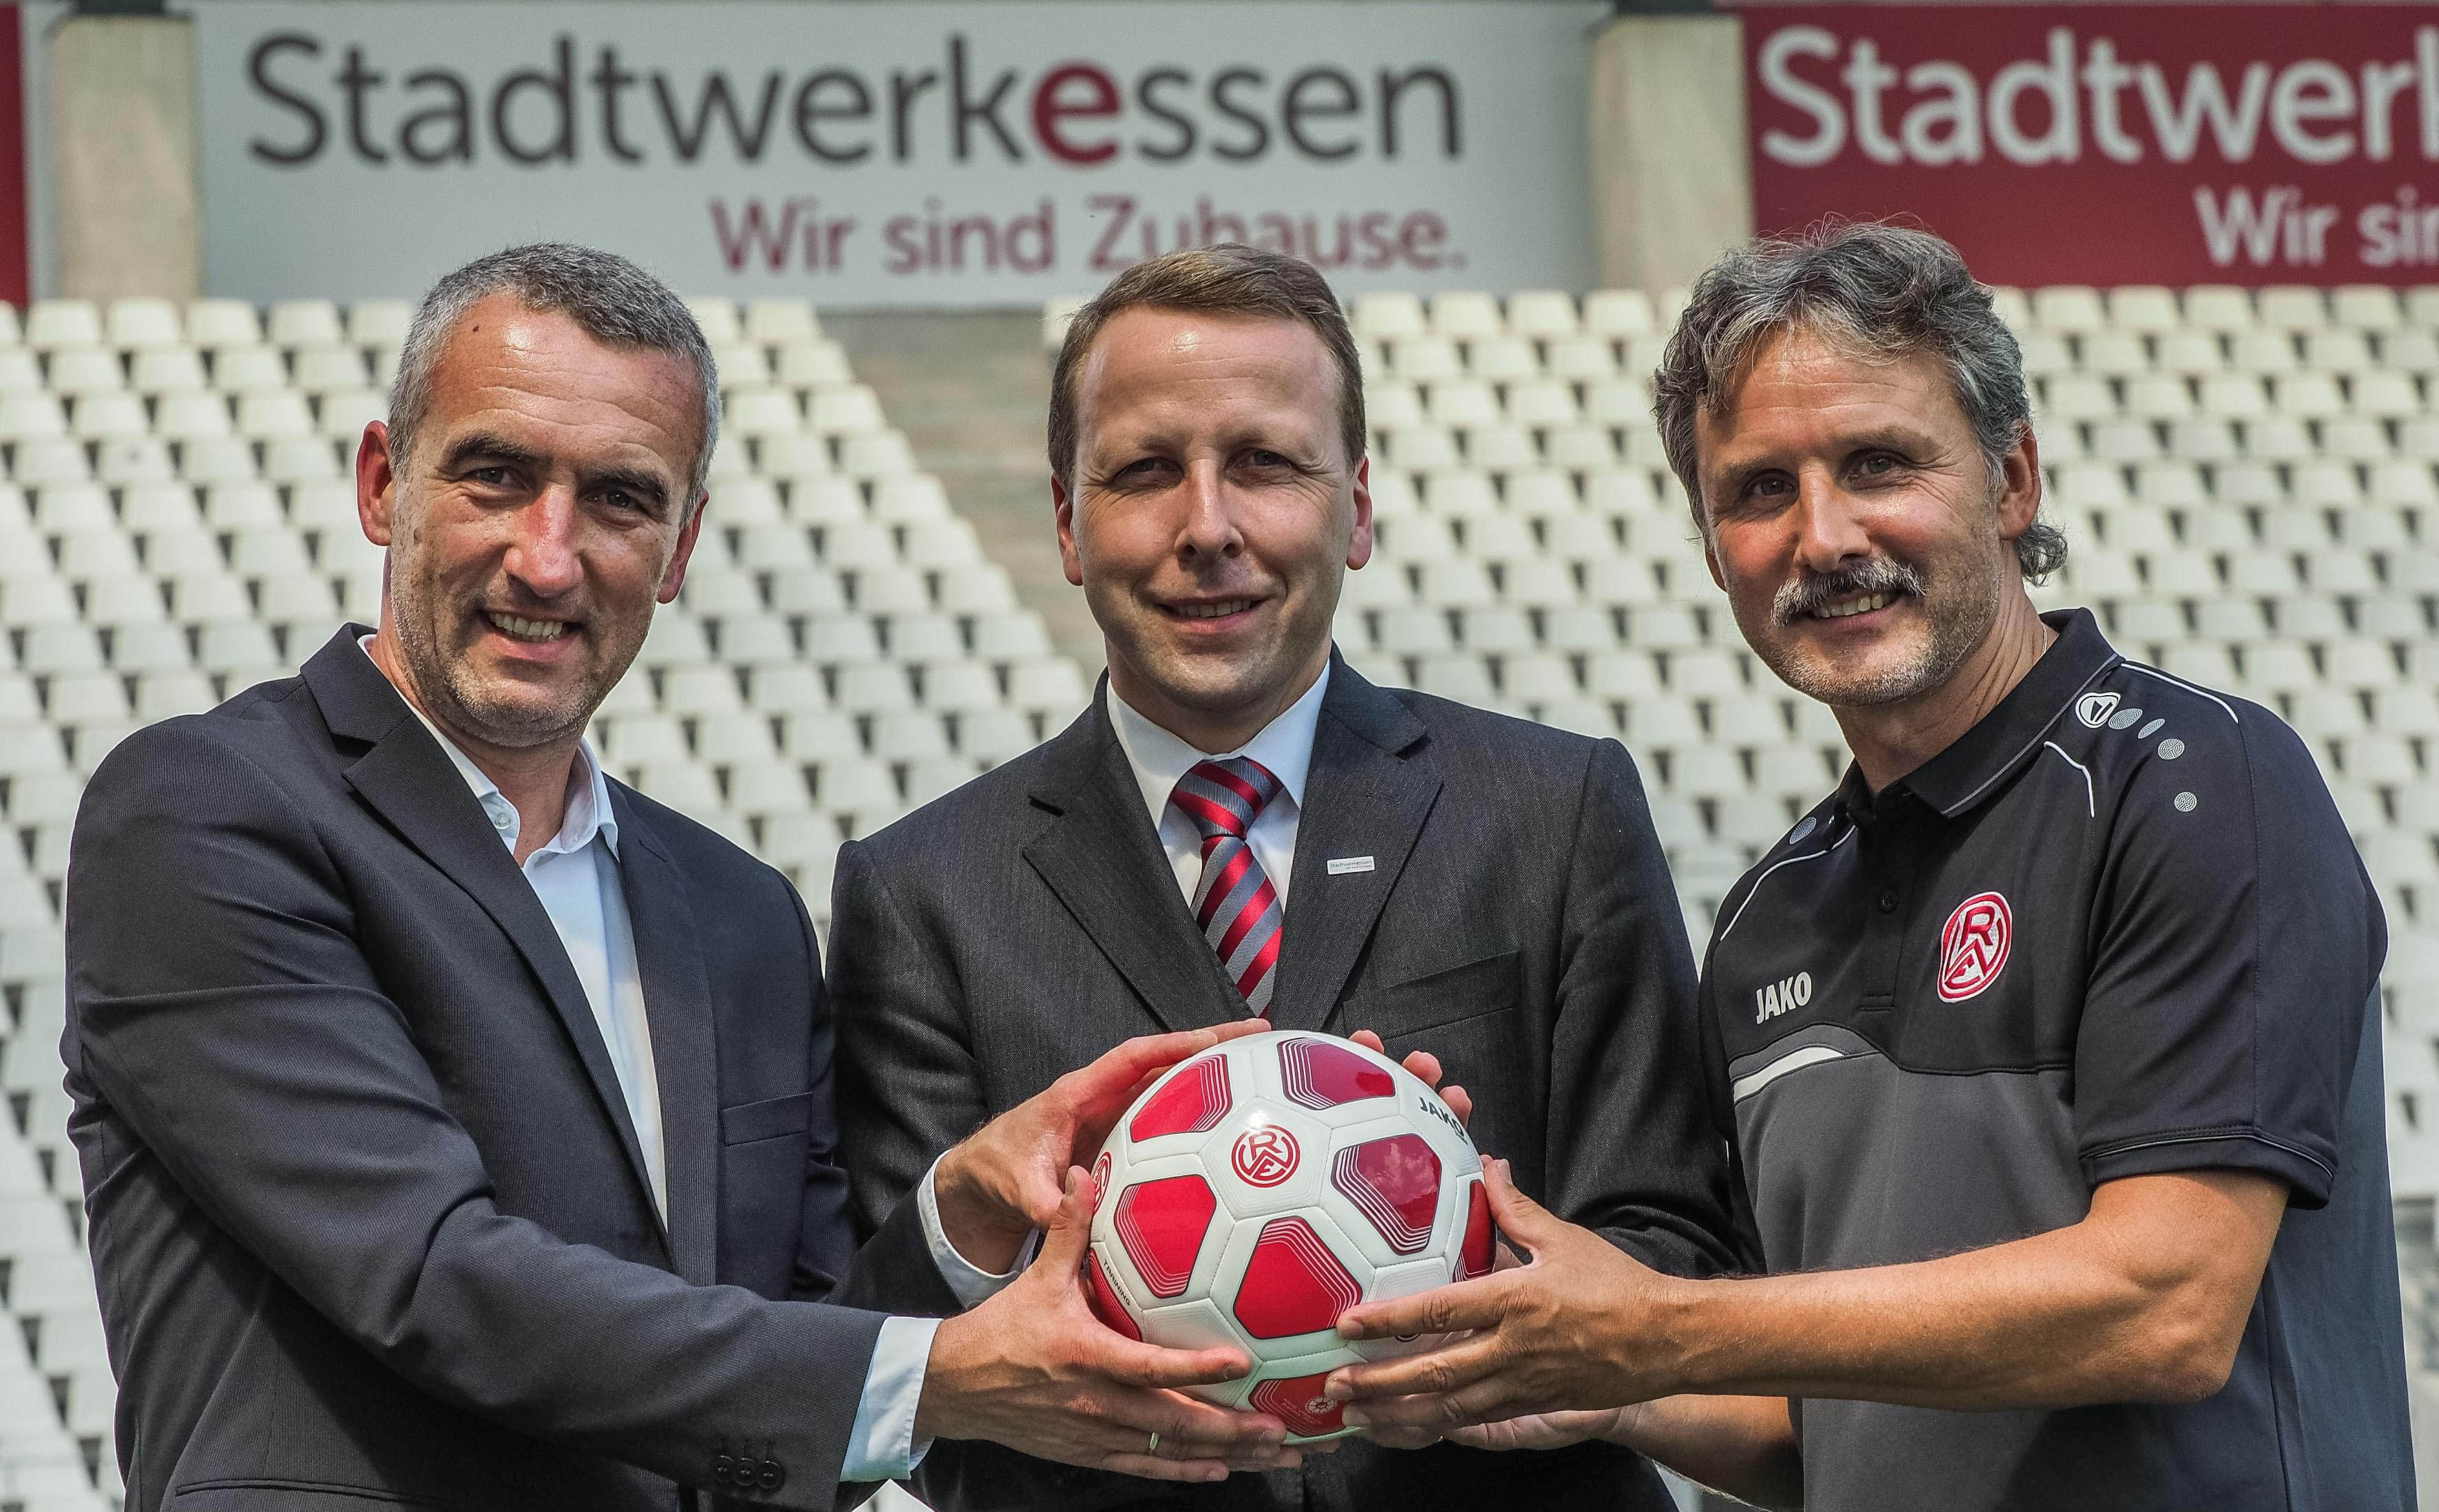 Marcus Uhlig (l.) und Dirk Helmig (r.) freuen sich über die Verlängerung der Partnerschaft der Stadtwerke Essen um Vorstand Lars-Martin Klieve. (Foto: Gohl)